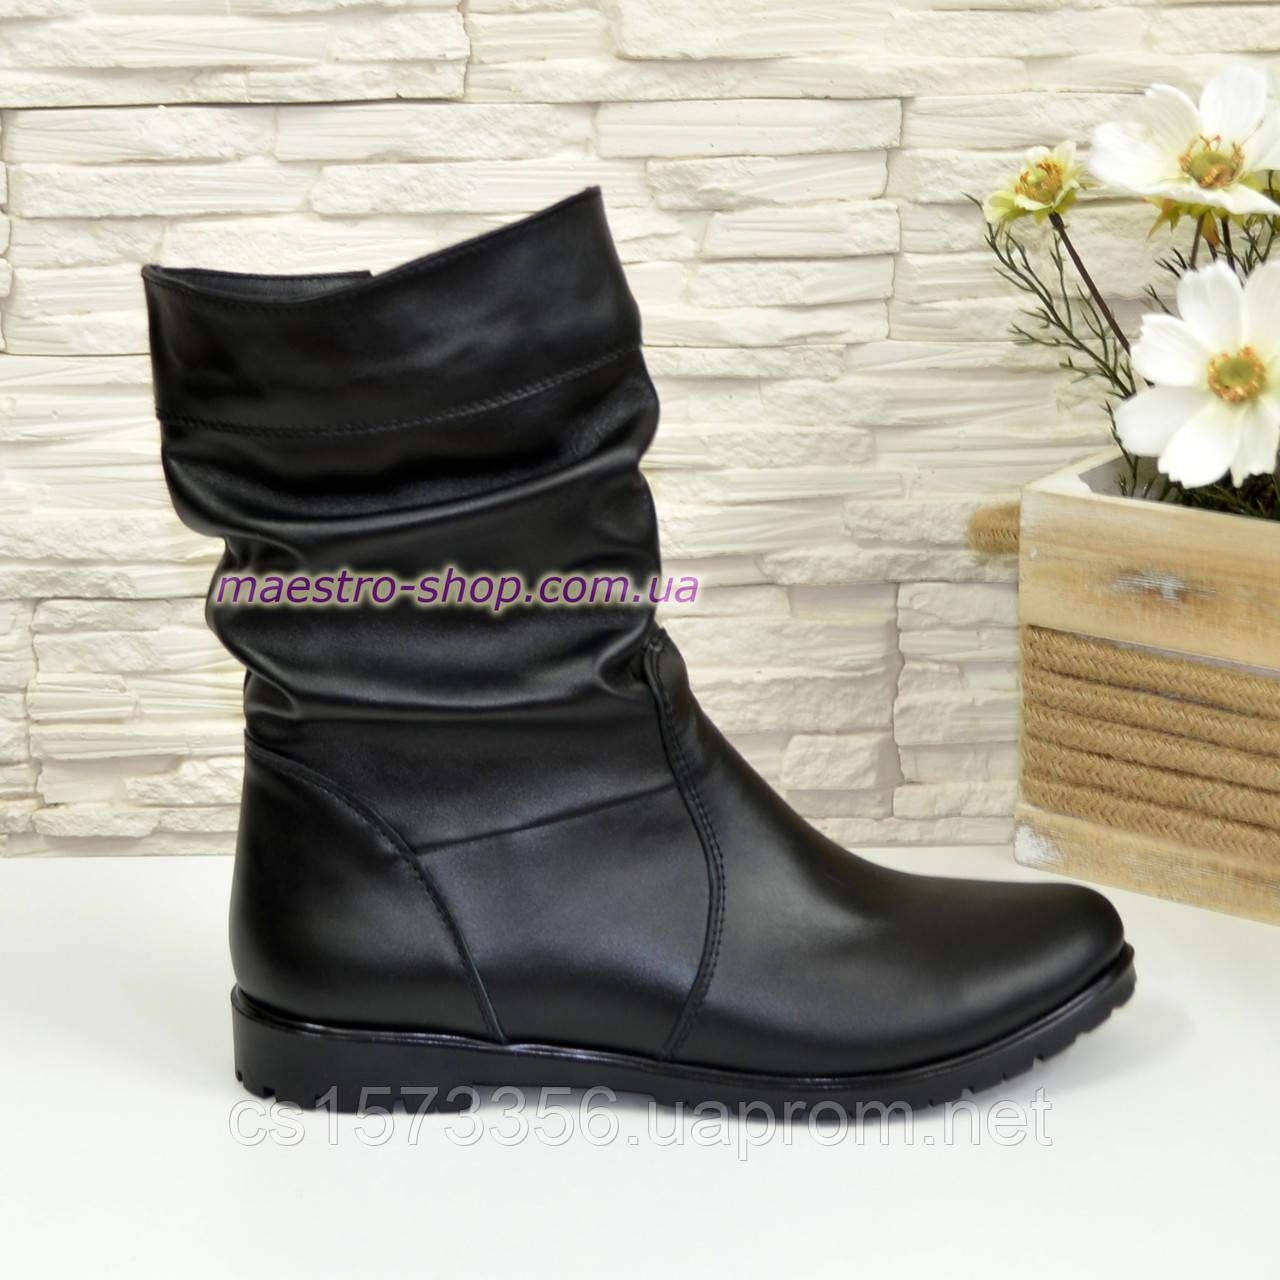 Женские демисезонные ботинки из натуральной кожи черного цвета